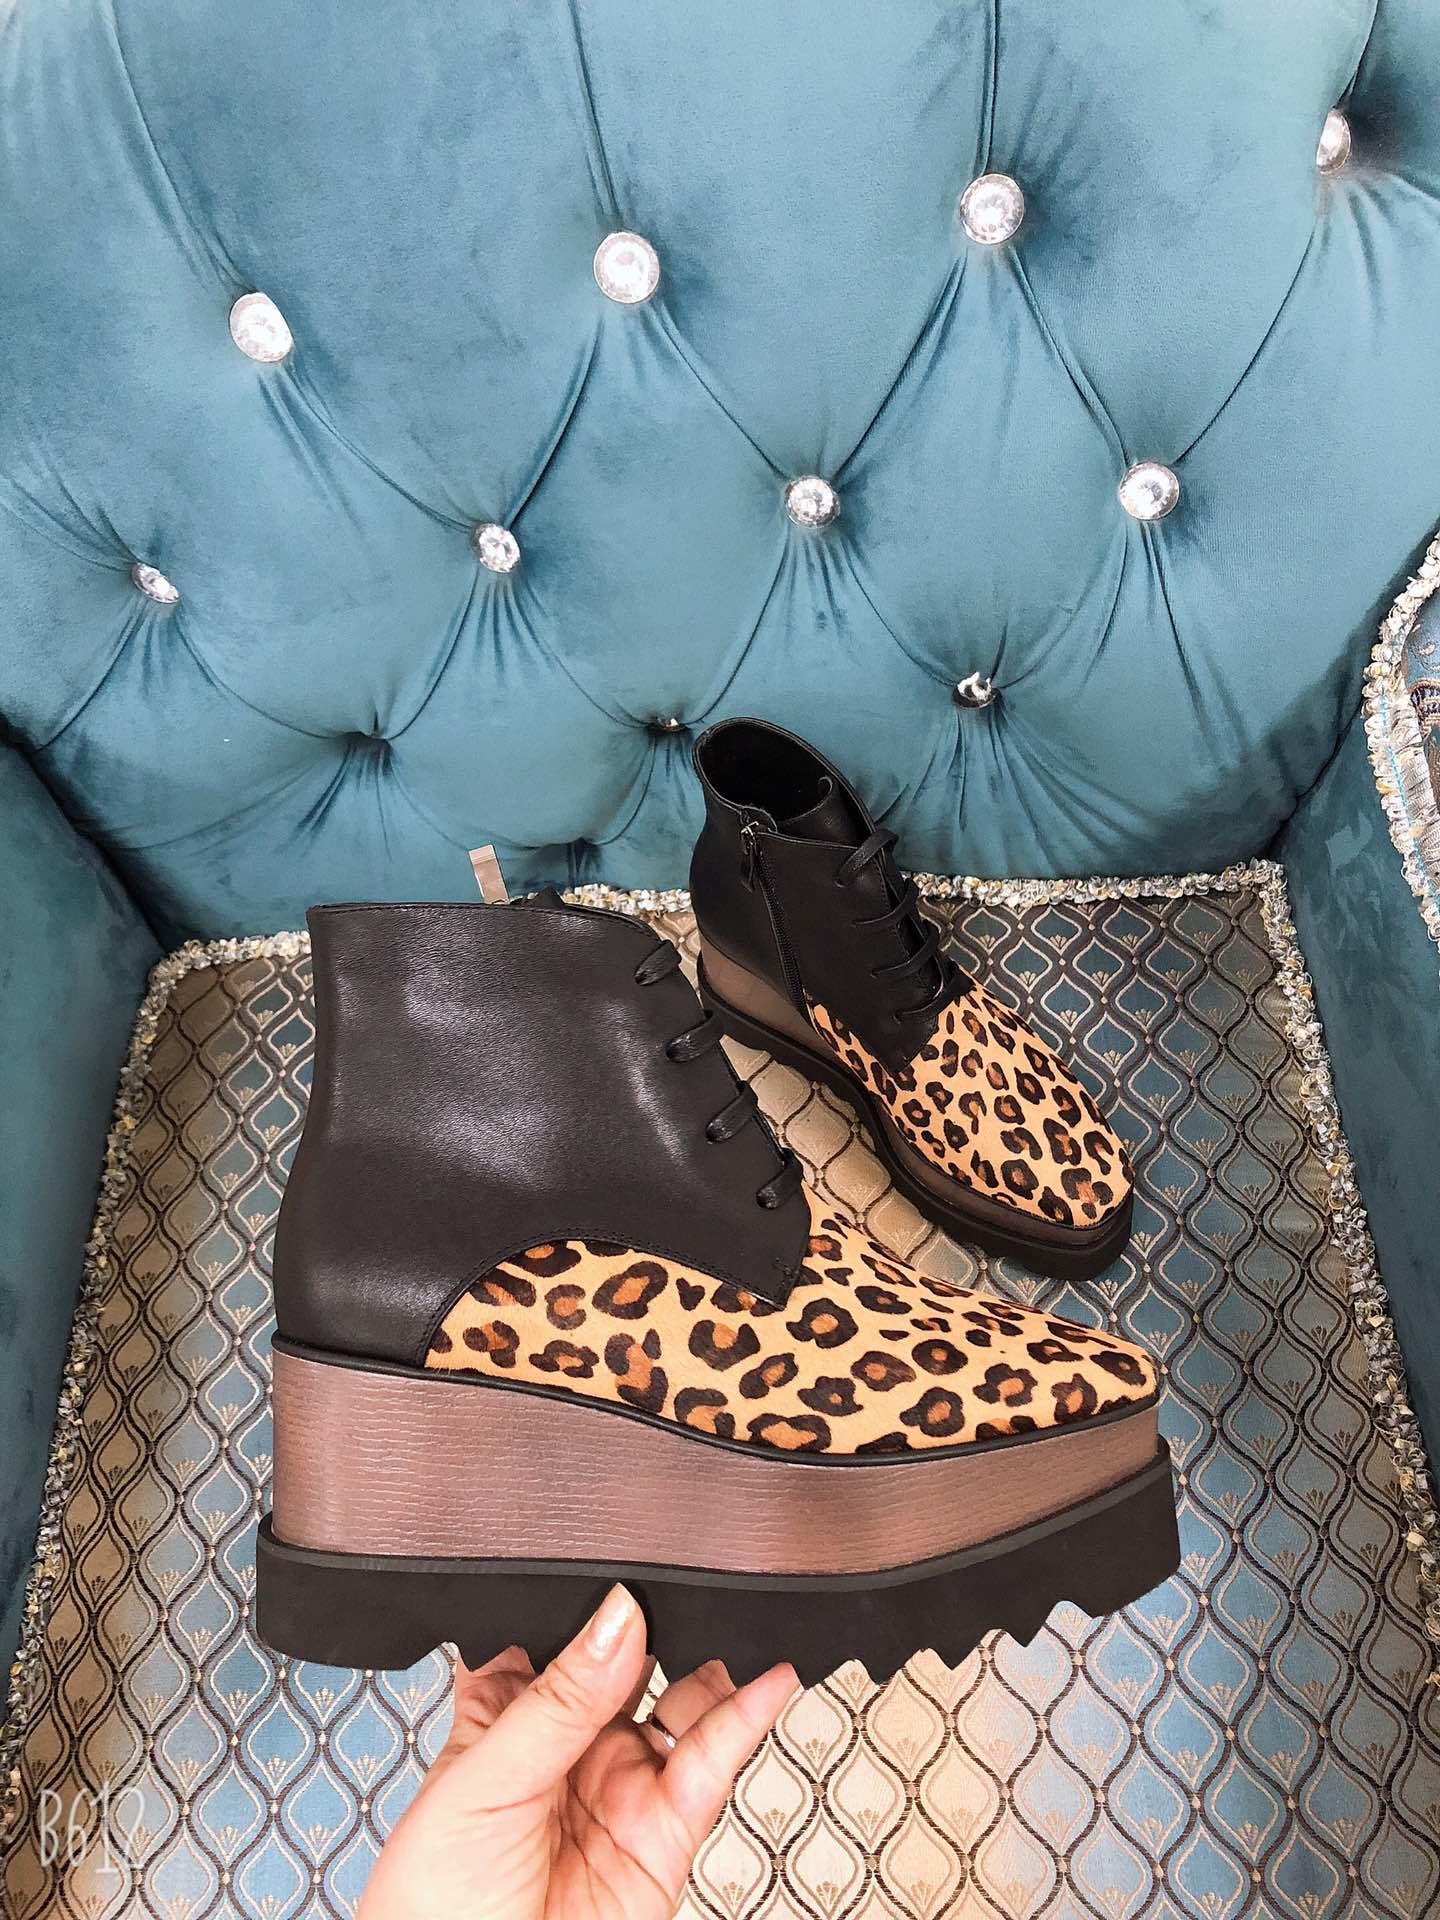 欧美外贸2019秋冬季新款马毛松糕鞋厚底真皮豹纹女靴系带平底短靴